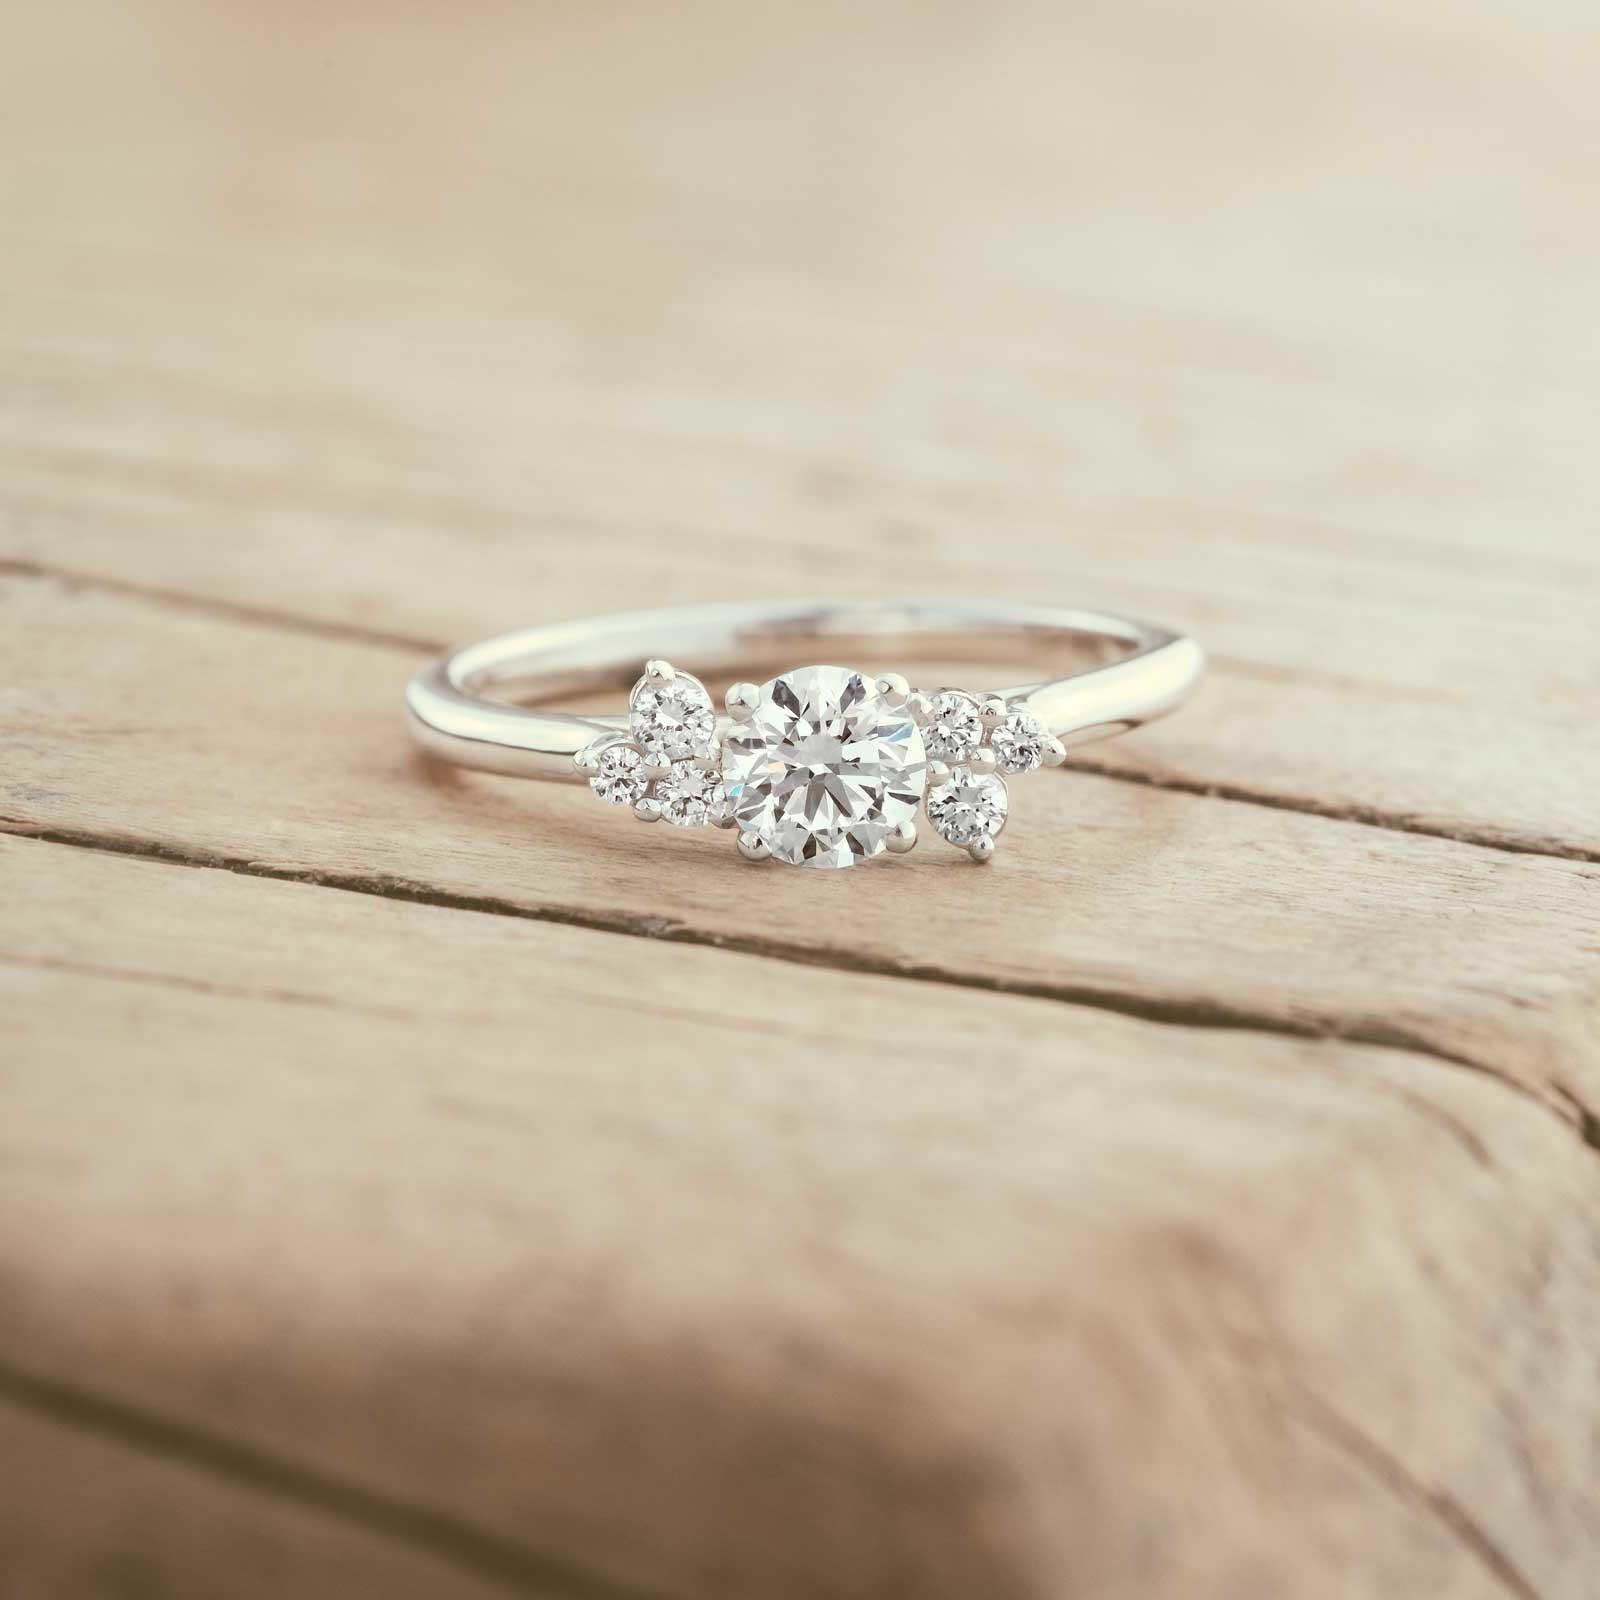 bague-mariage-diamant-bon-choix